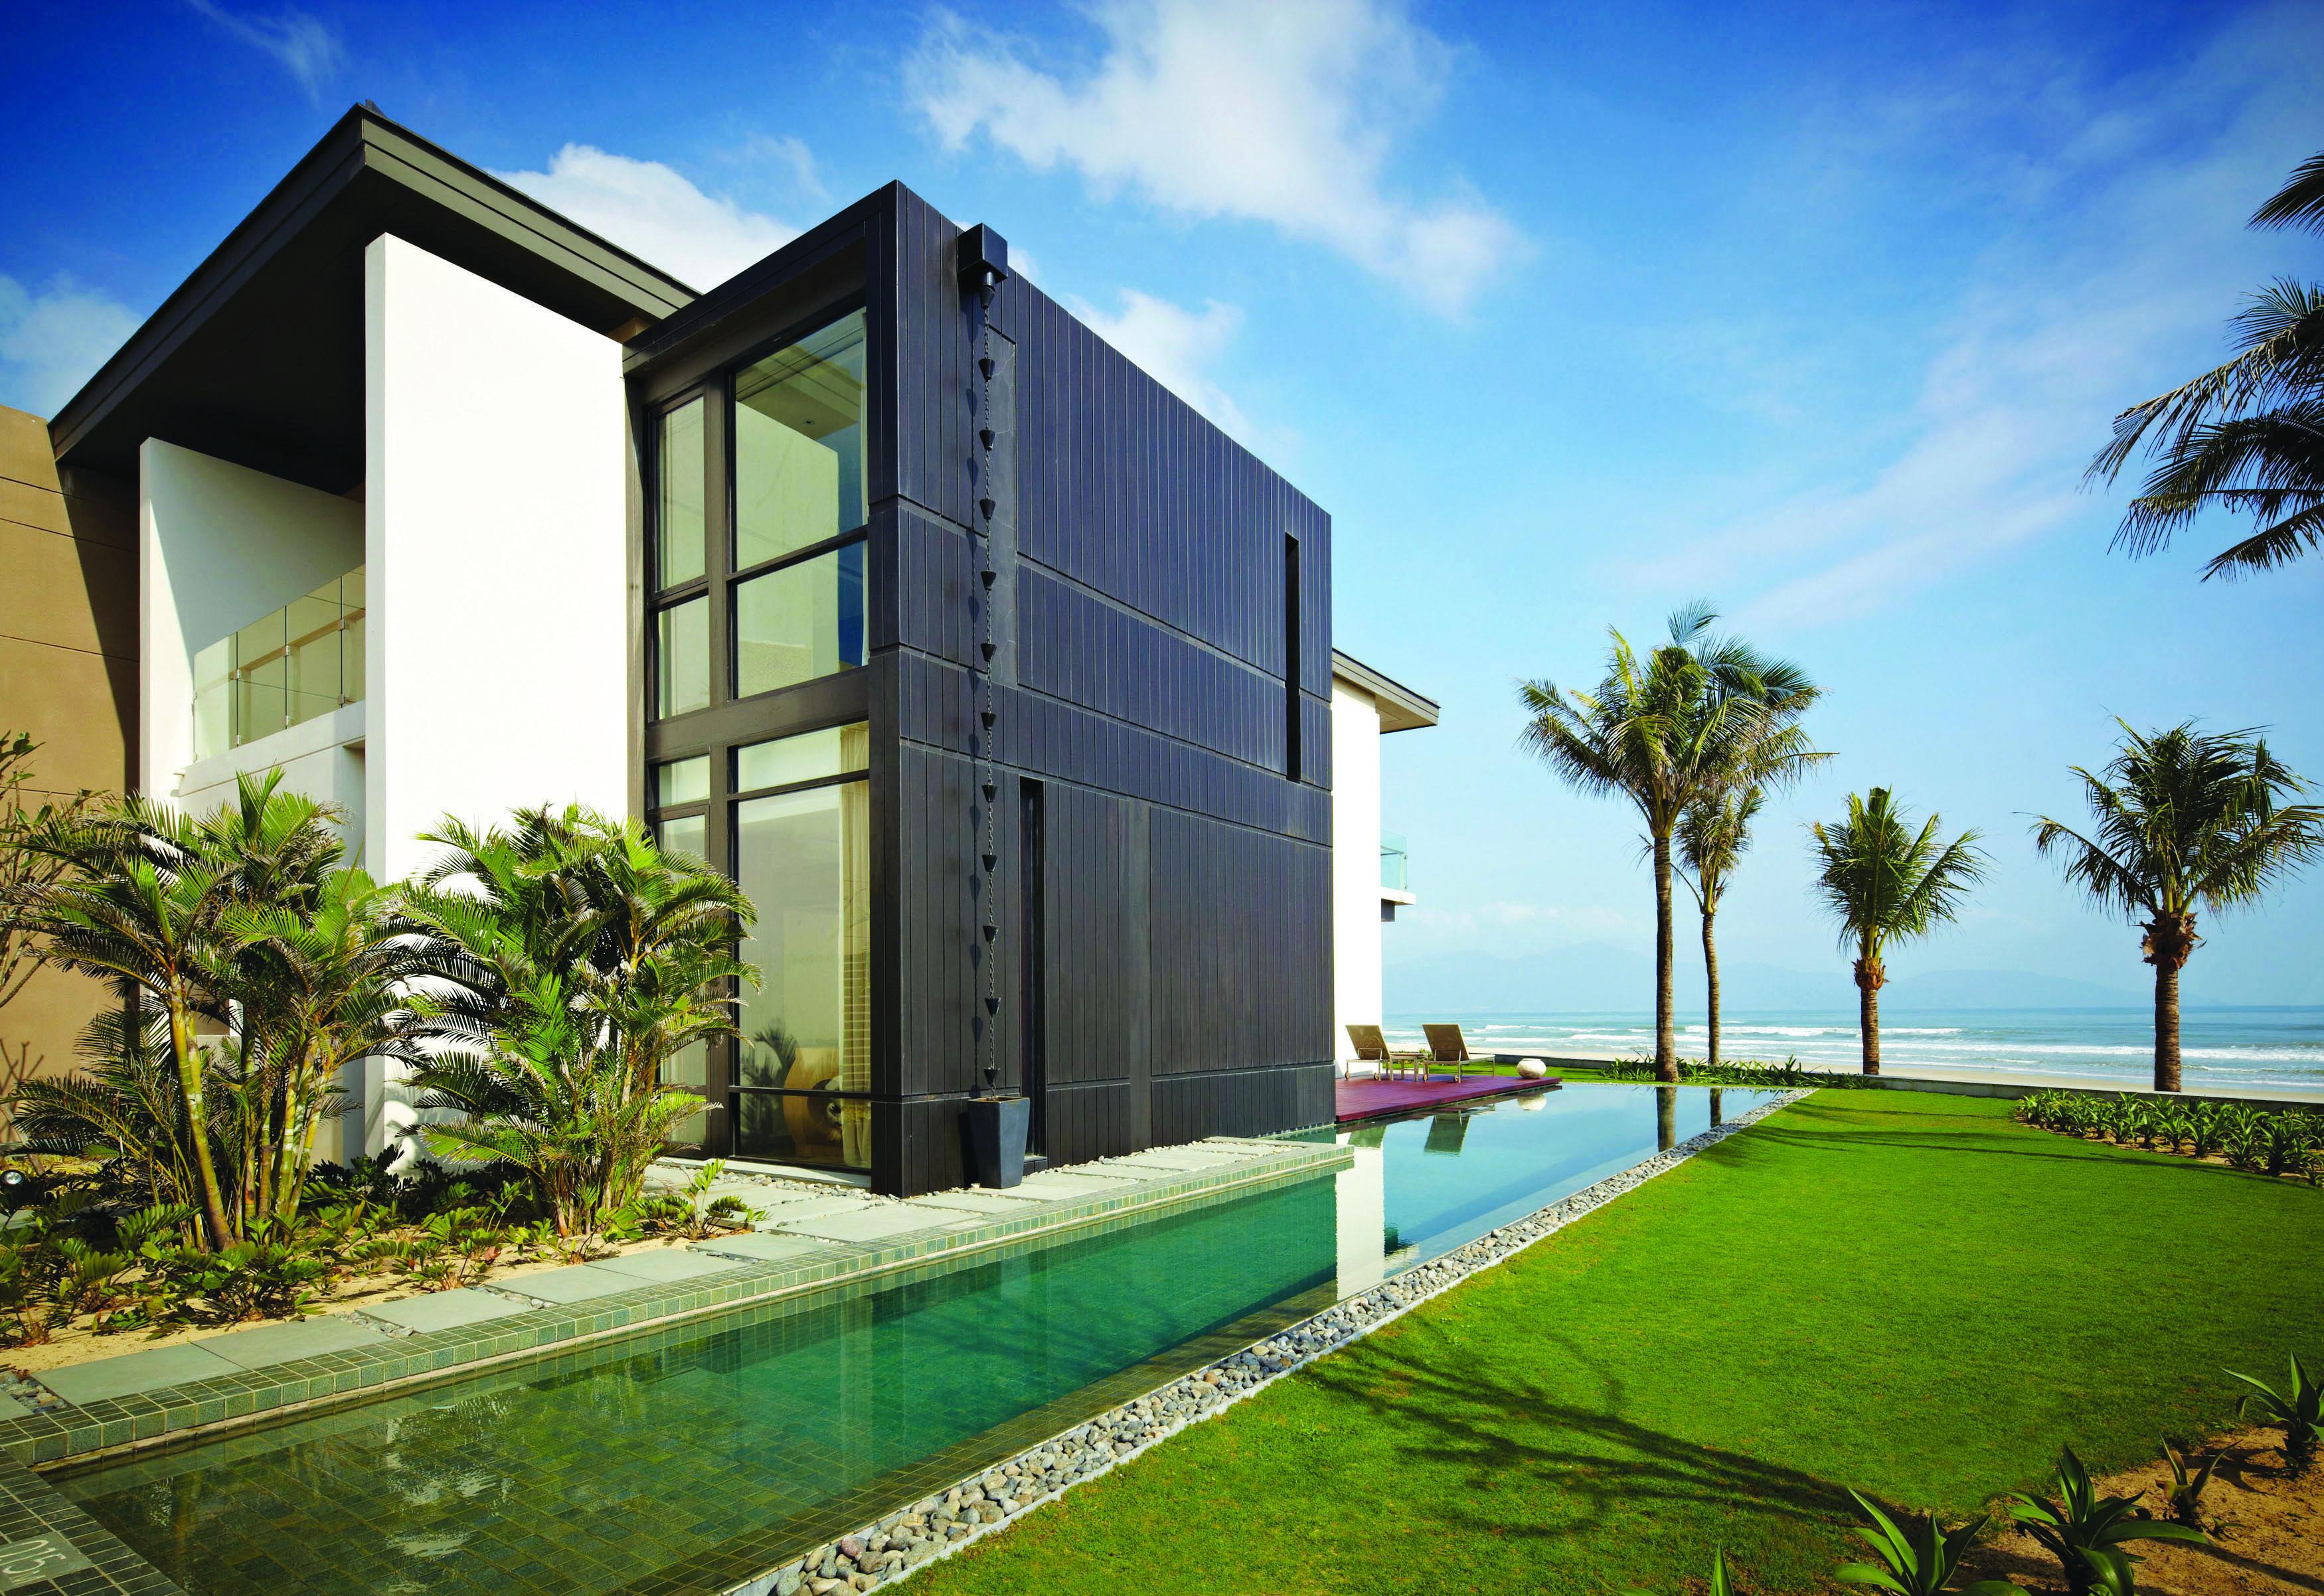 Property For Sale at Hyatt Regency Da Nang Residences: Beachfront Villa 26